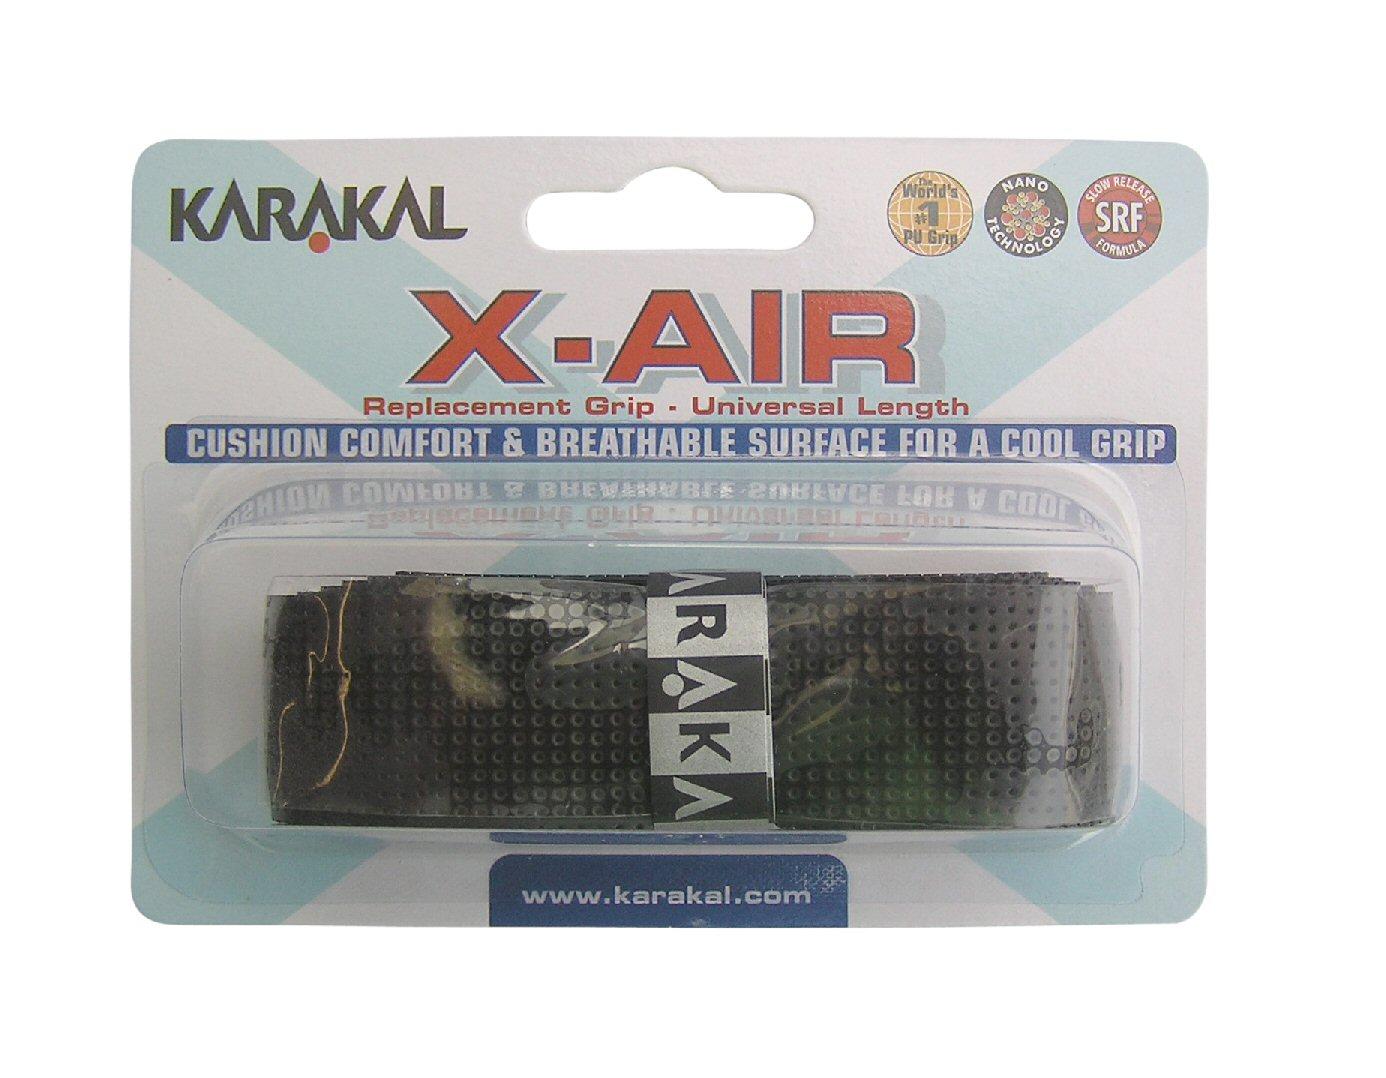 Karakal X-Air Replacement Grip